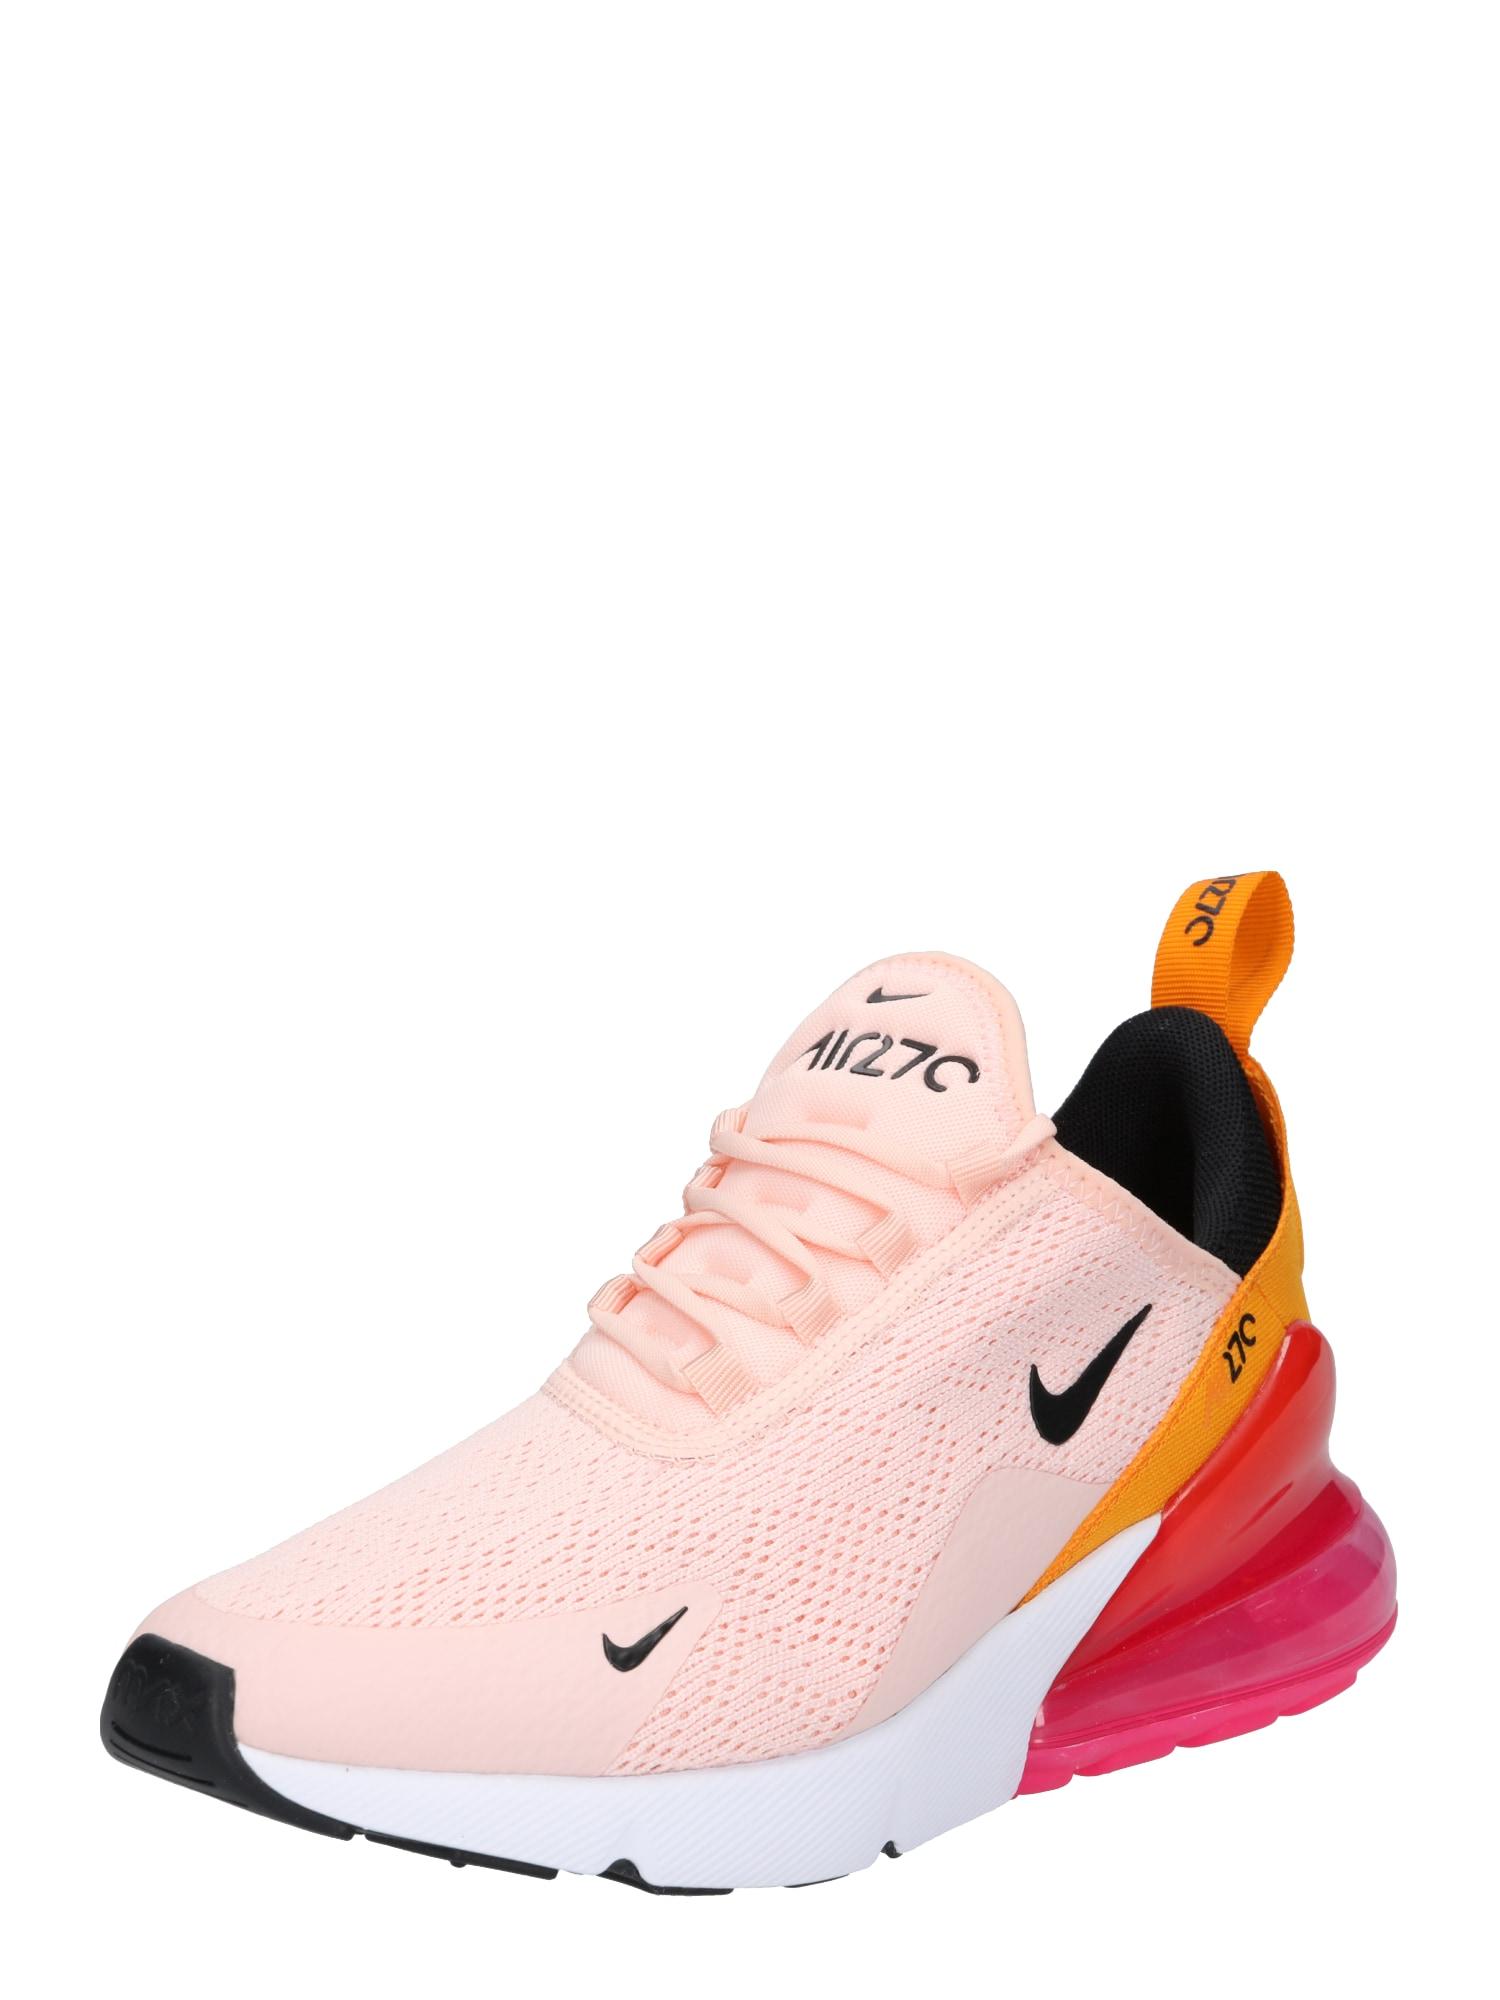 Tenisky Air Max 270 růžová červená bílá Nike Sportswear